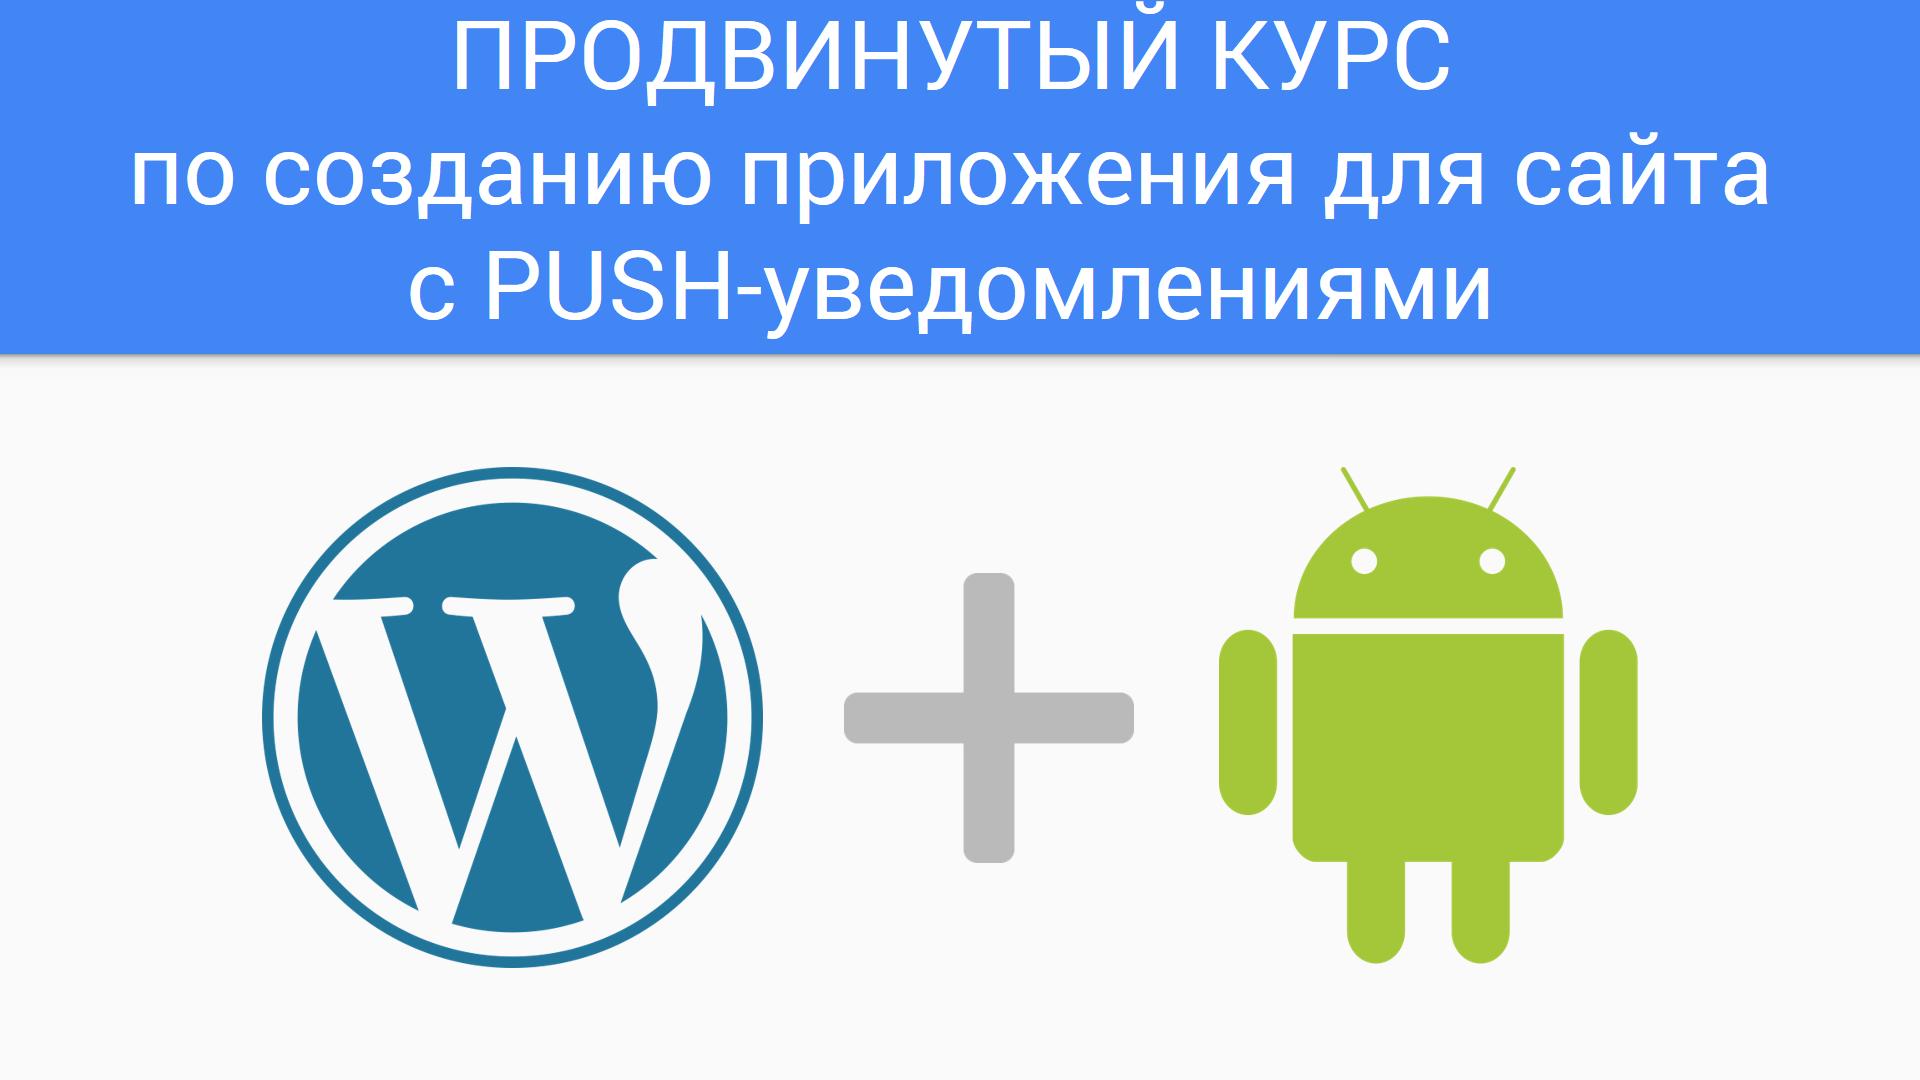 Как создать ANDROID приложение для сайта с PUSH уведомлениями